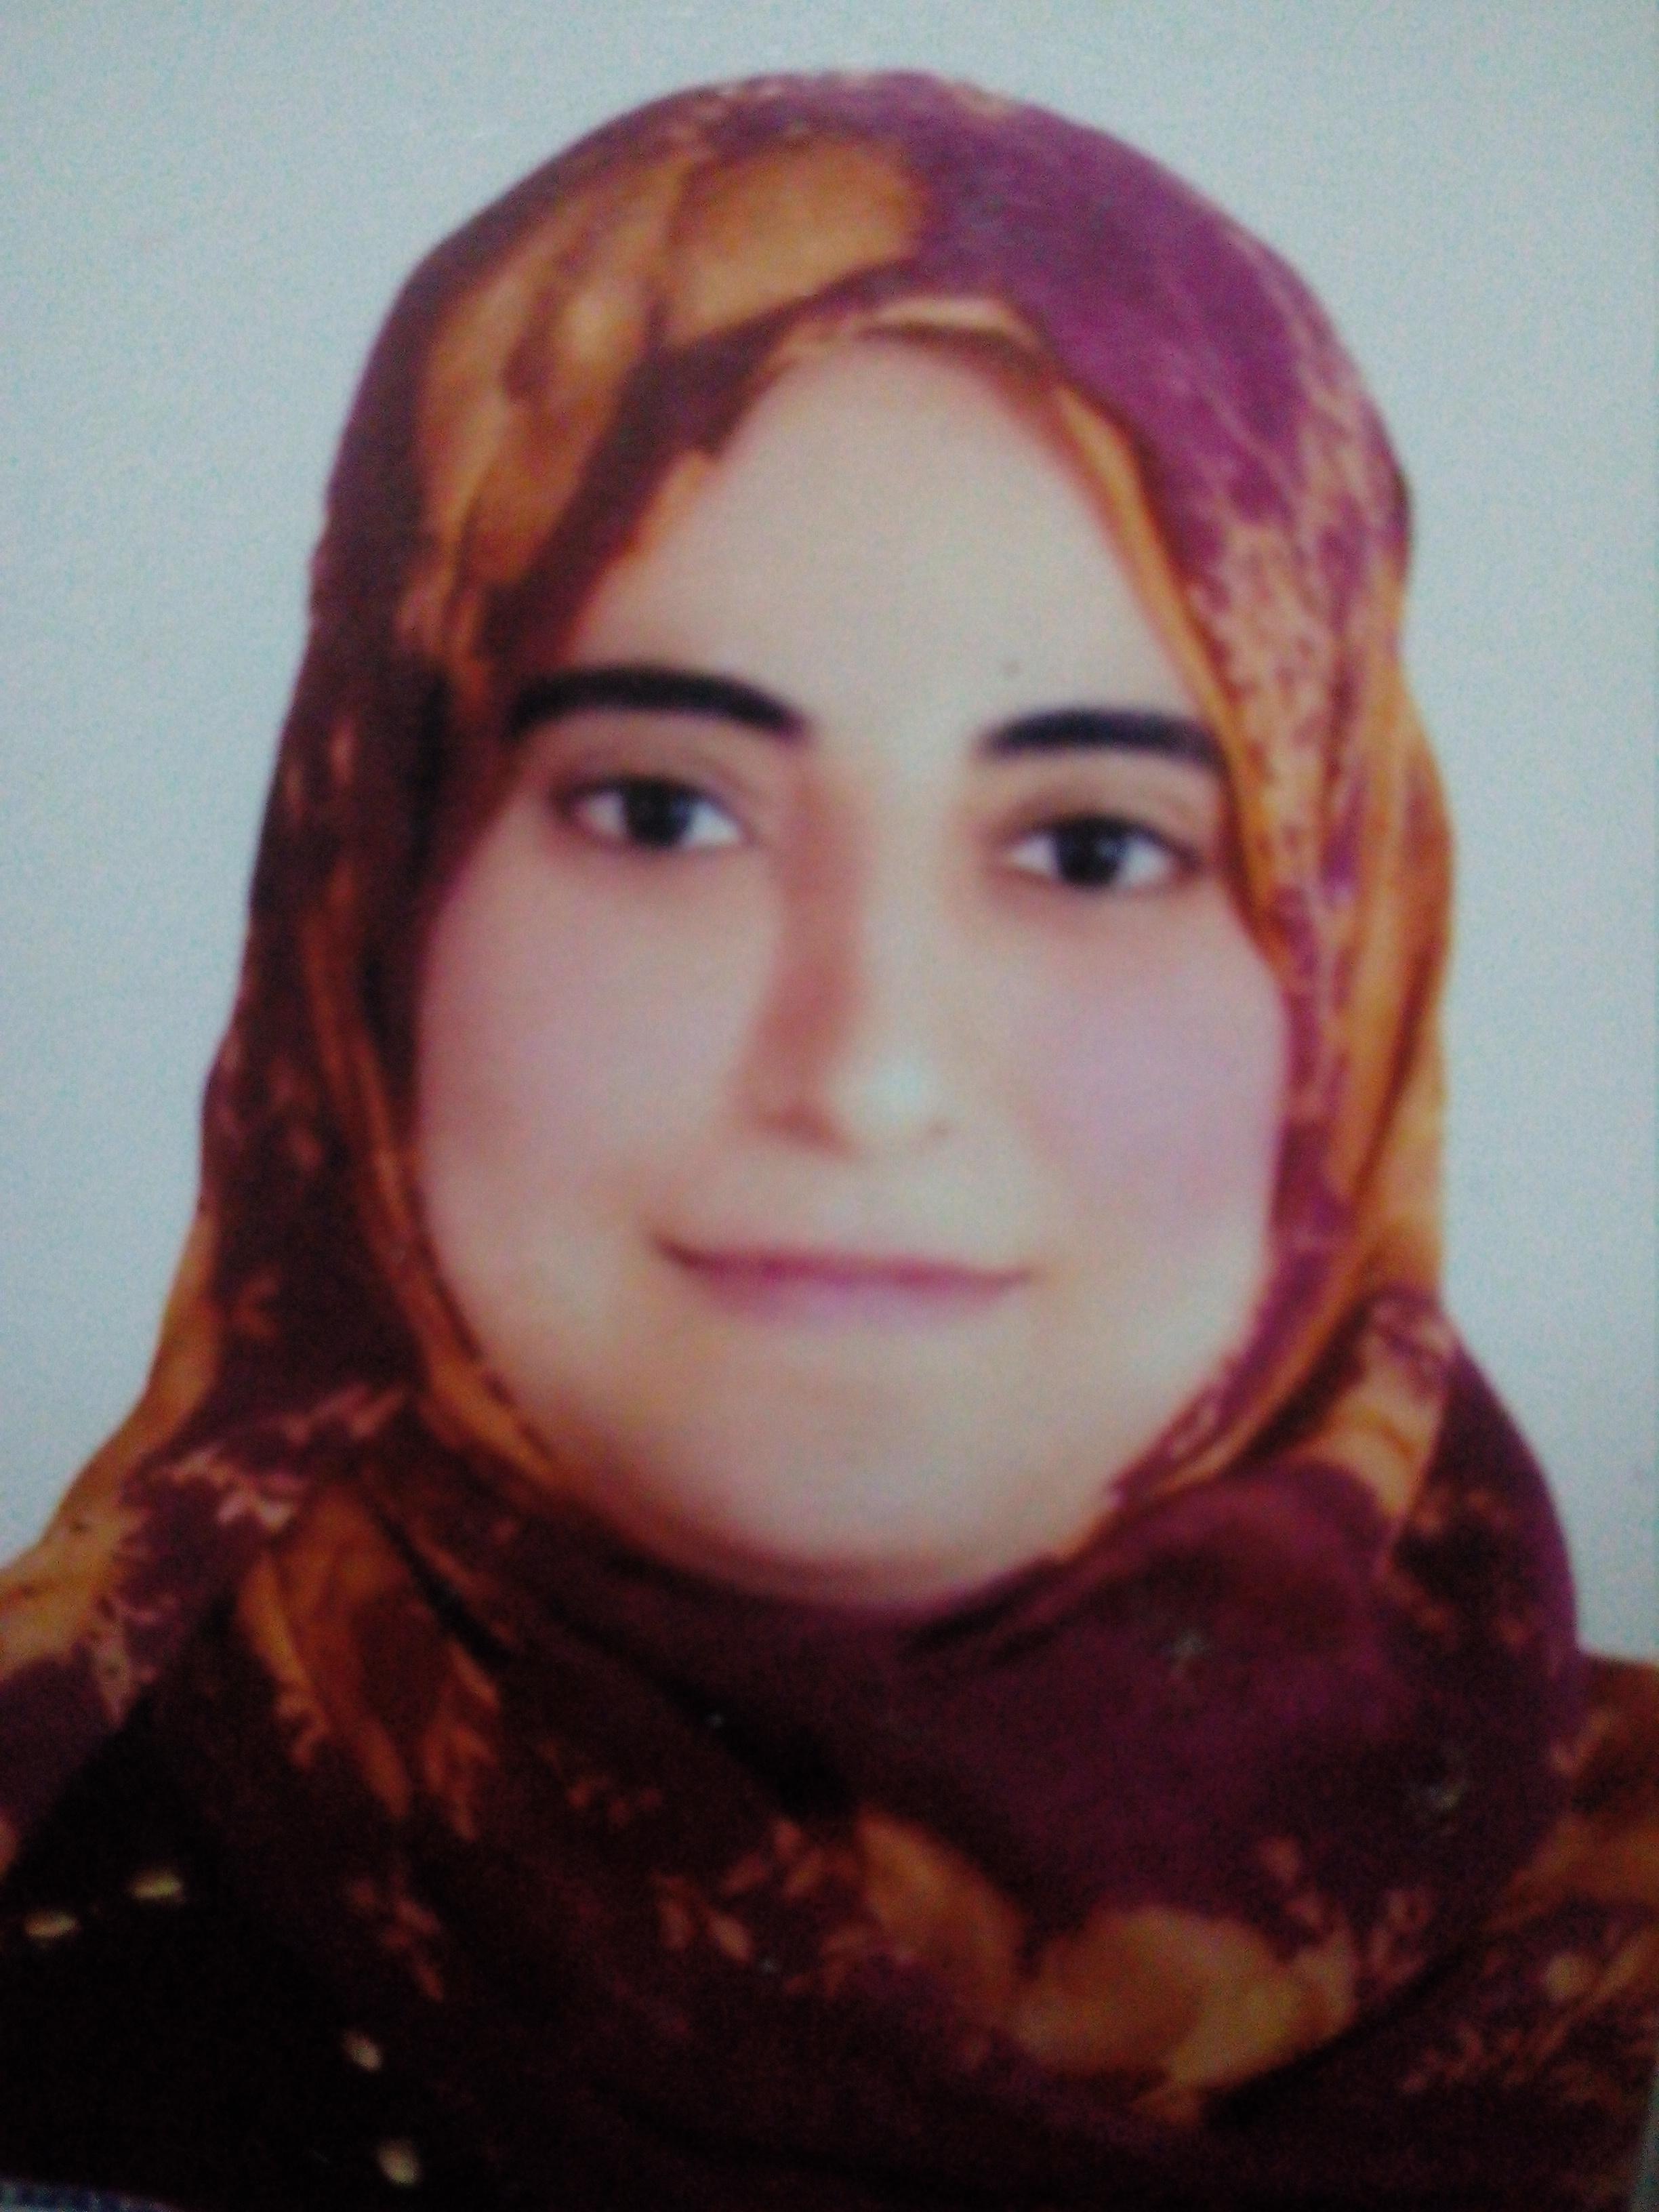 Ms. NISMA MOHAMED